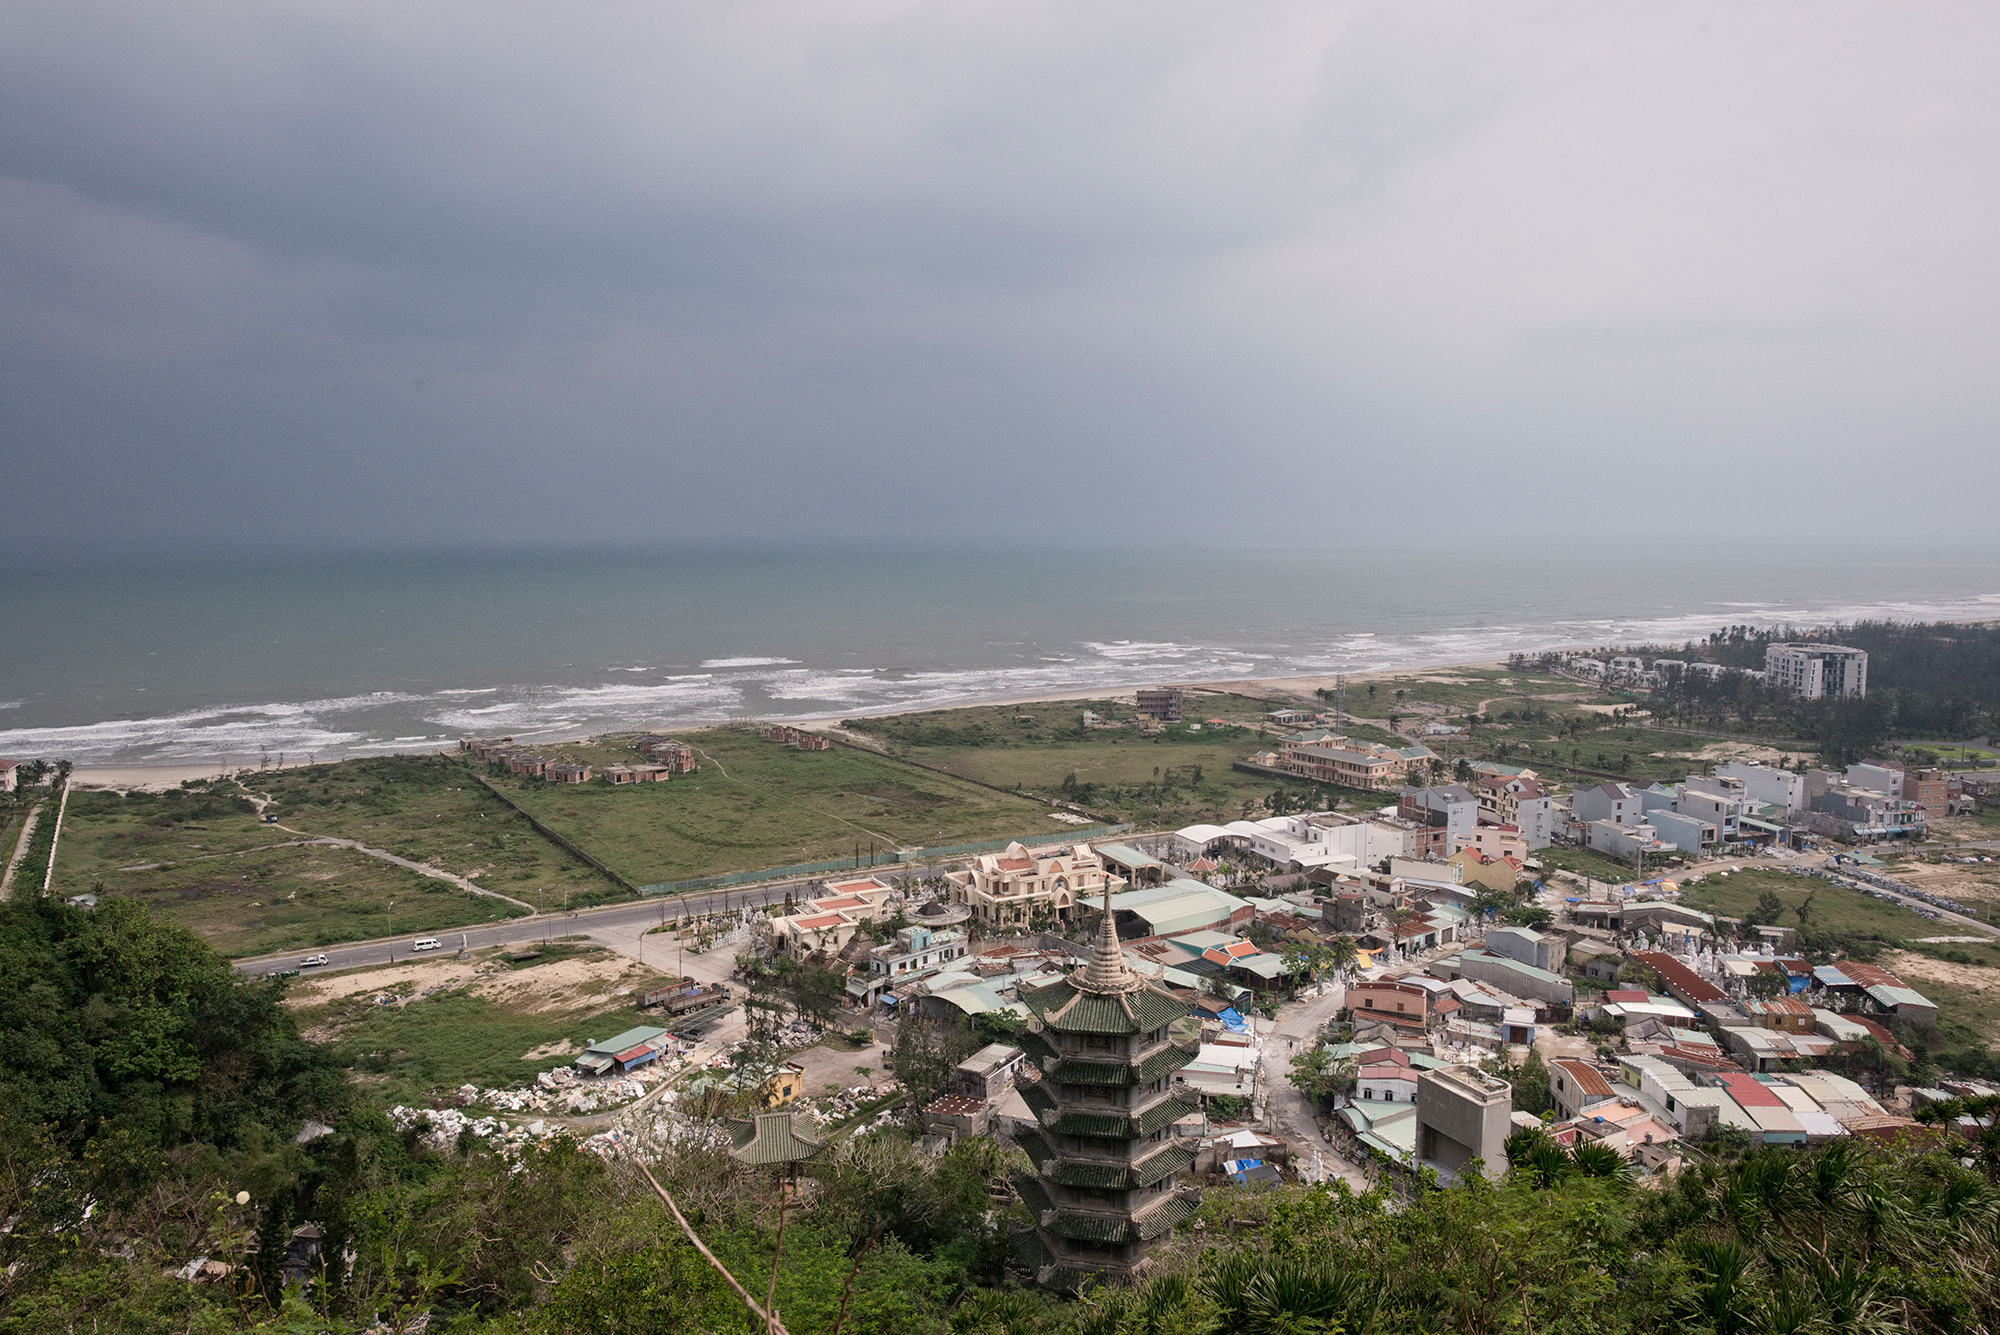 Der Postkartenstrand von Da Nang: Nichts deutet auf den Schrecken hin, der einst von diesem Ort ausging.